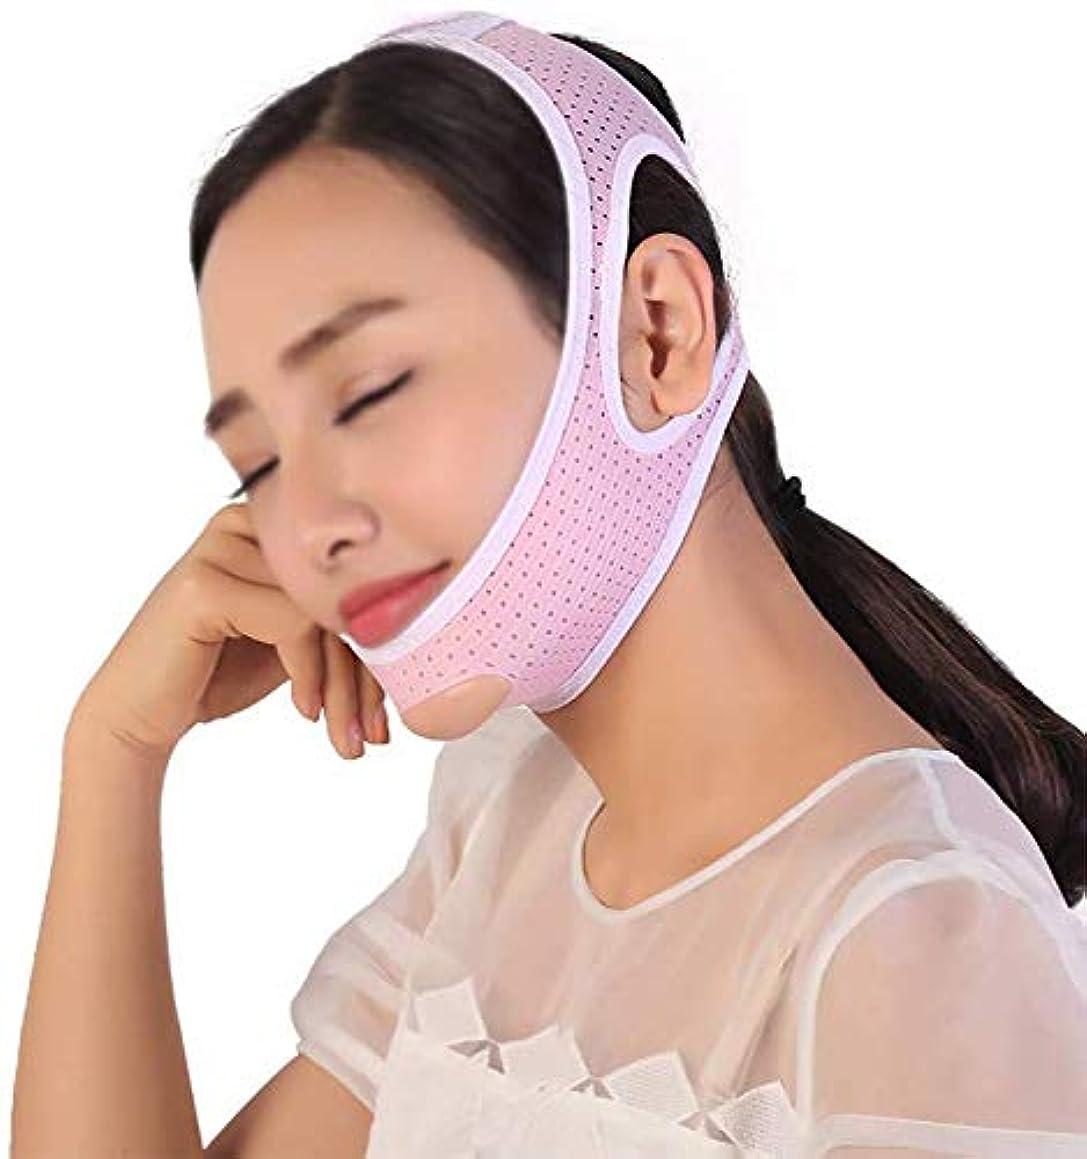 抽選プログレッシブ虫を数えるスリミングVフェイスマスク、フェイスリフトフェイシャル、Vフェイスマスクタイトで肌のリラクゼーションを防止Vフェイスアーティファクトフェイスリフトバンデージフェイスケア(サイズ:L)